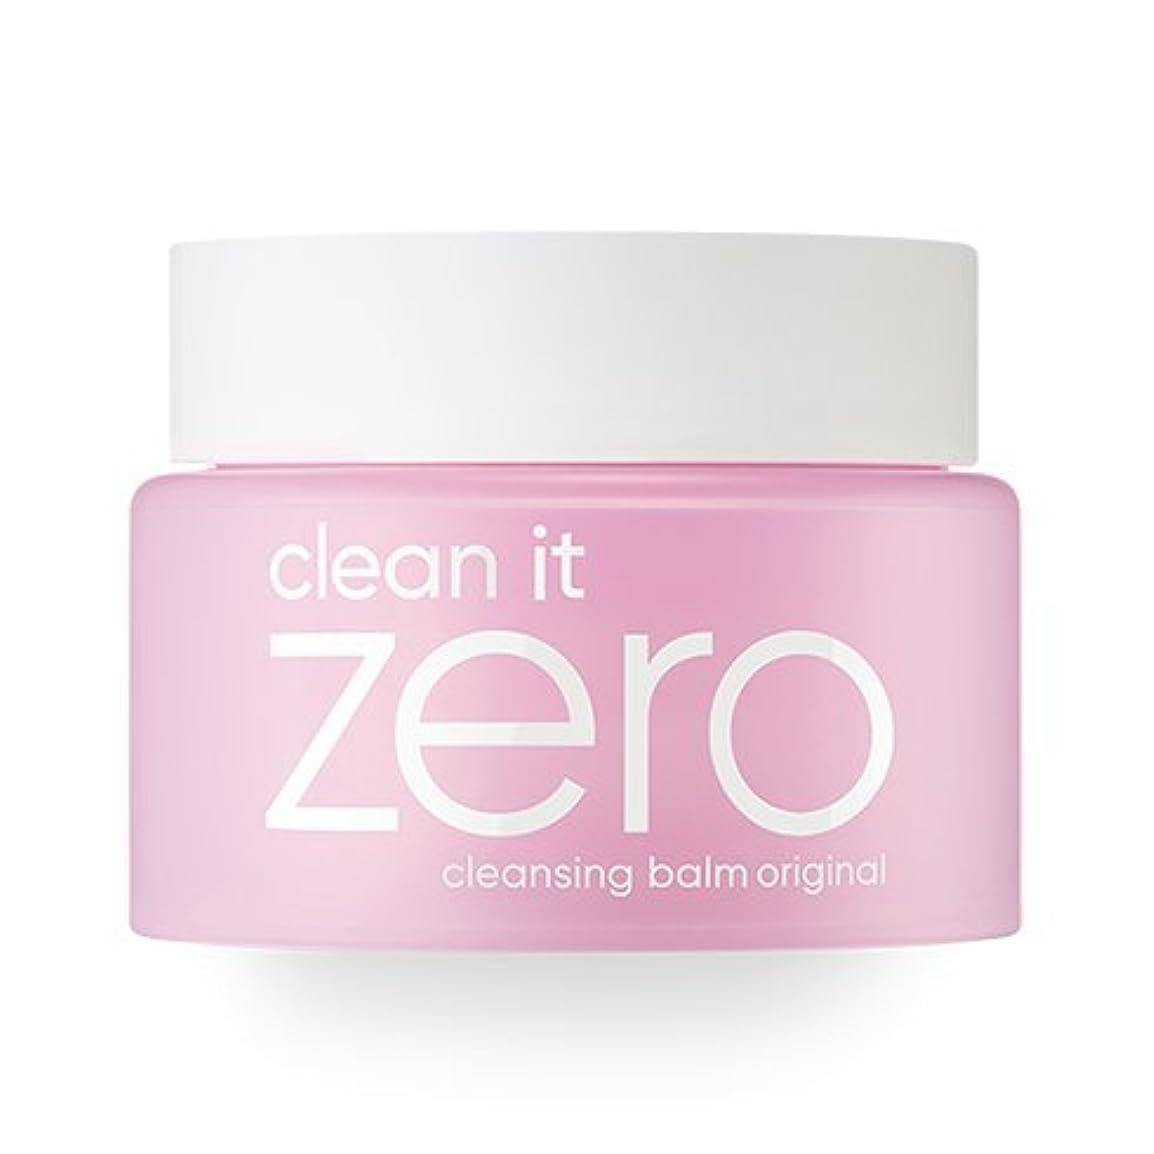 すりソビエト最も[2018 Renewal] BANILA CO Clean It Zero Cleansing Balm/バニラコ クリーン イット ゼロ クレンジング バーム (#Original 100ml) [並行輸入品]